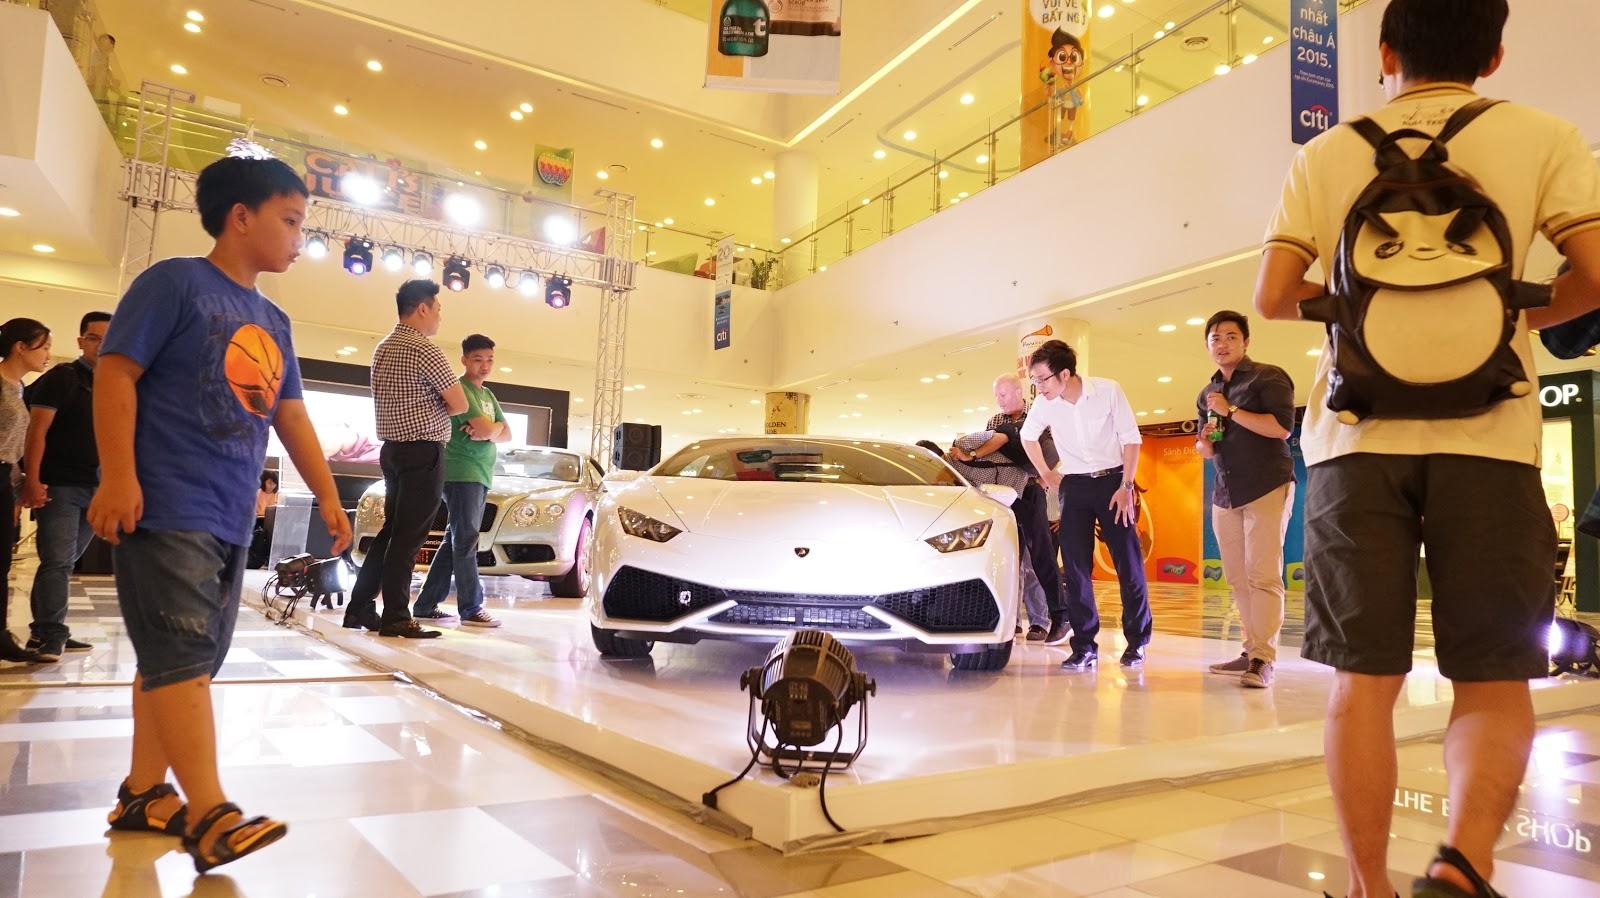 Dự kiến có thể chiếc chiếc Lamborghini Huracan LP610 4 White sẽ được bàn giao cho một khách hàng trong đợt trưng bày này